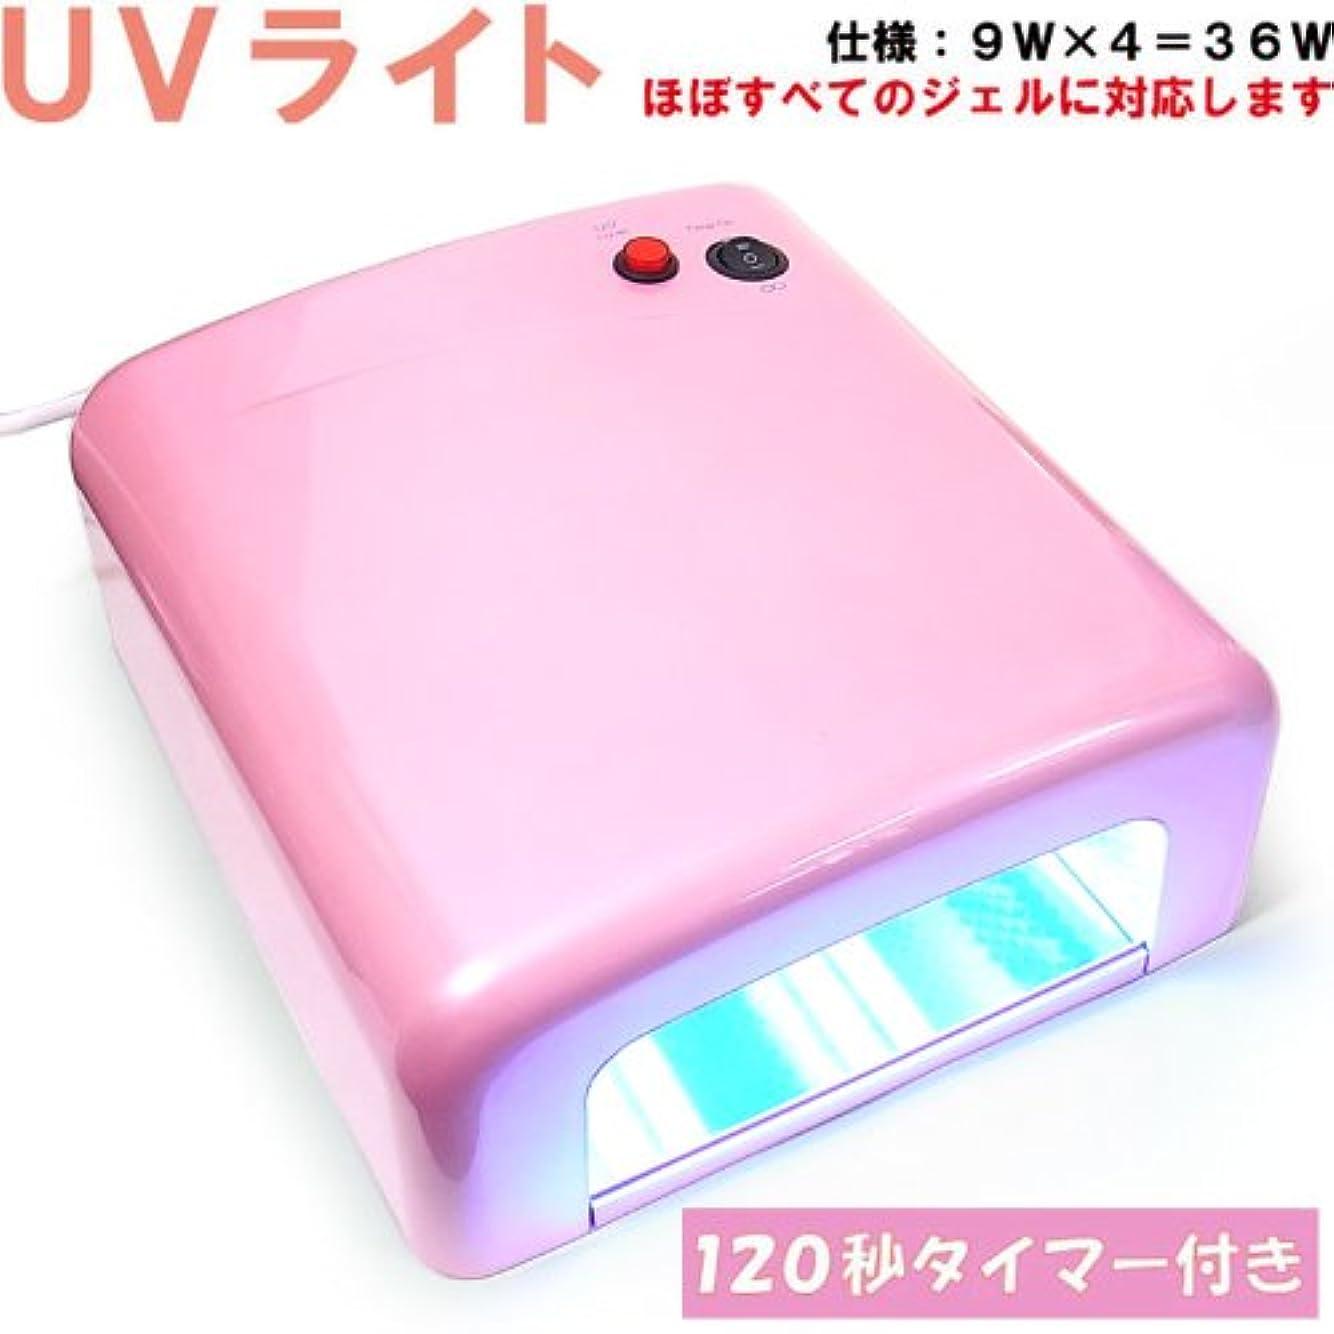 力学動脈資本ジェルネイル用UVライト36W(電球9W×4本付き)UVランプ【ピンク】